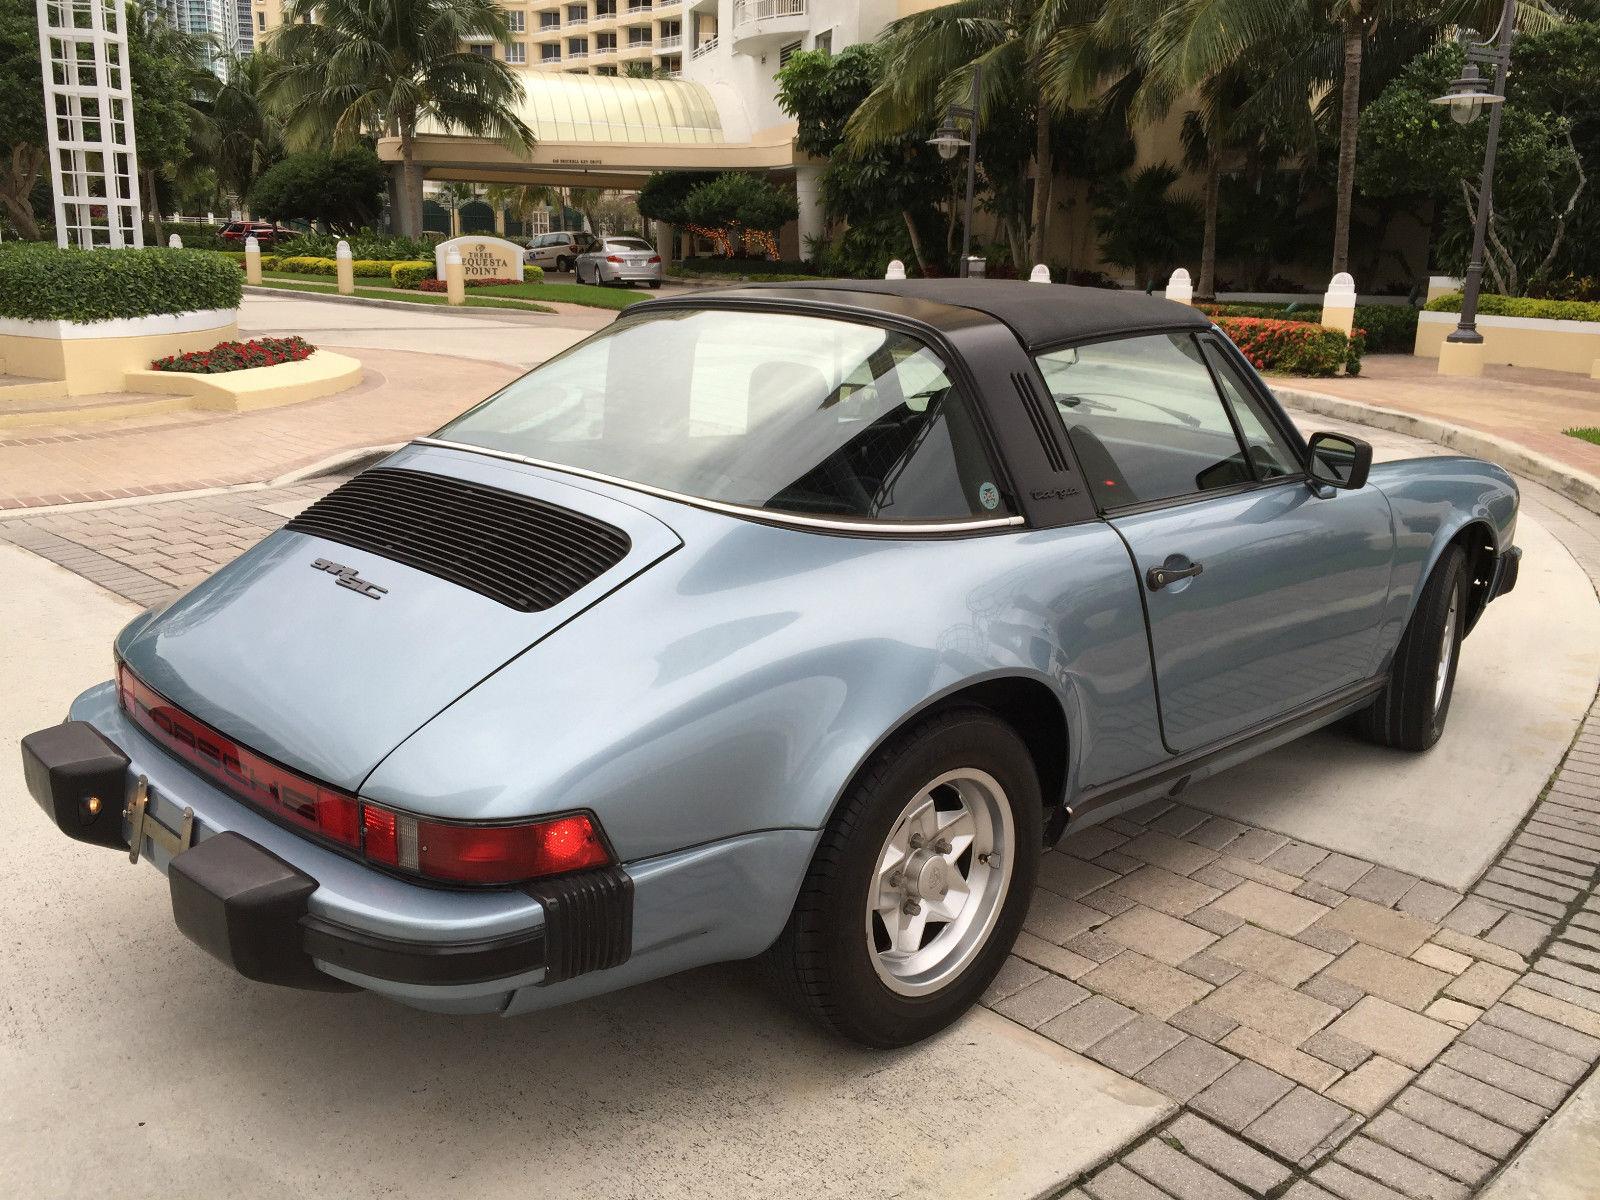 Porsche 911 Sc Targa Classic Collectable Vintage Air